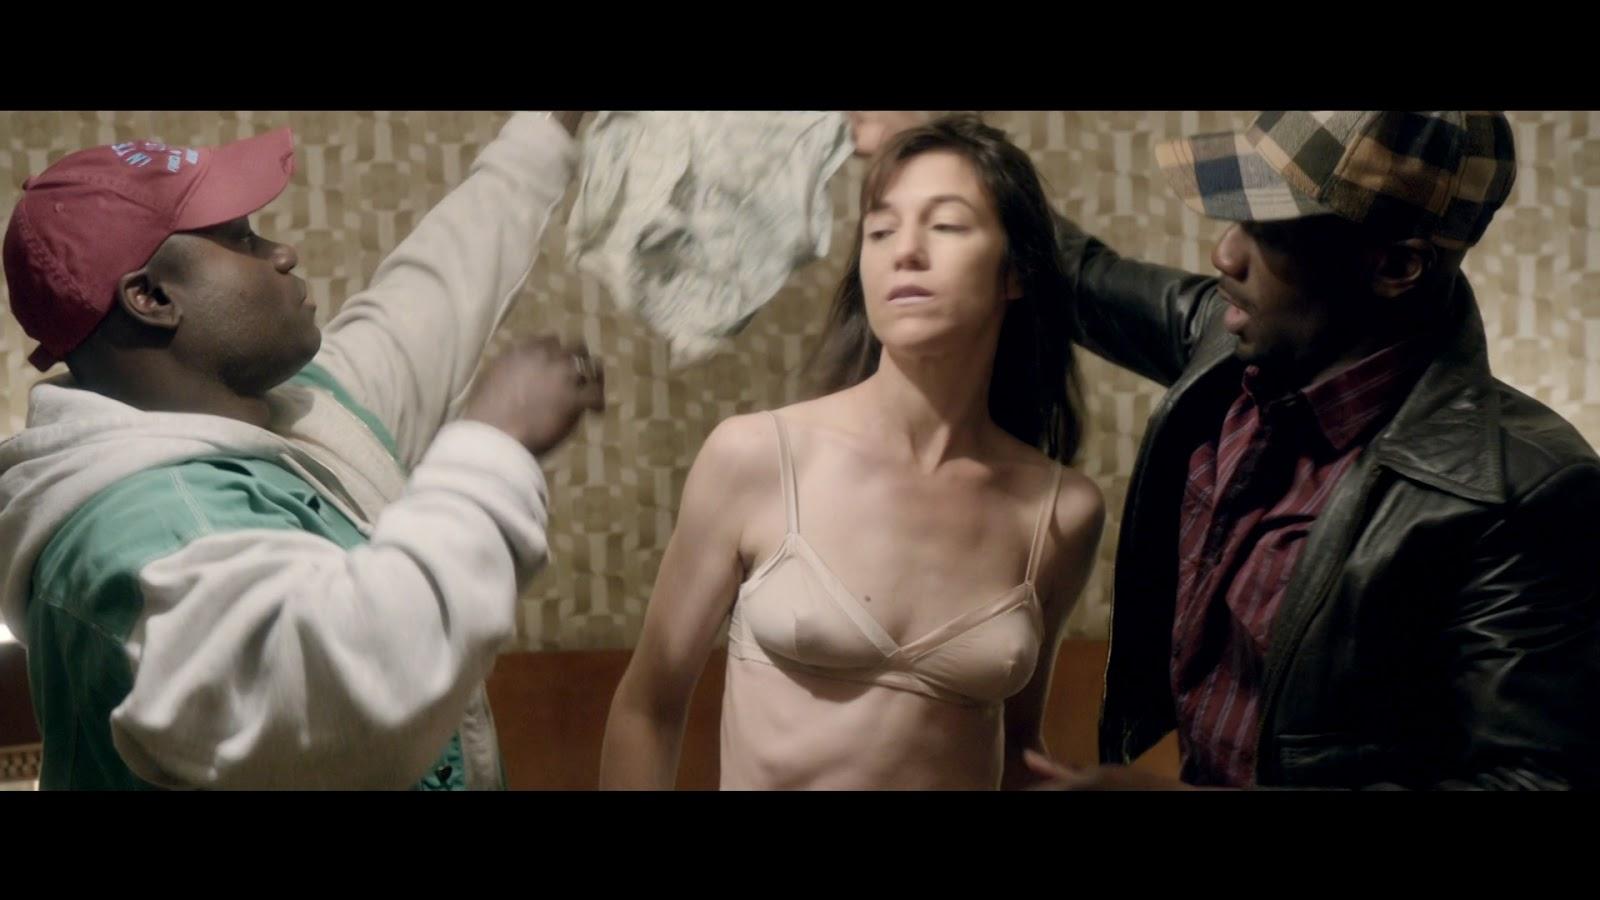 Порно фильм ларса фон триера